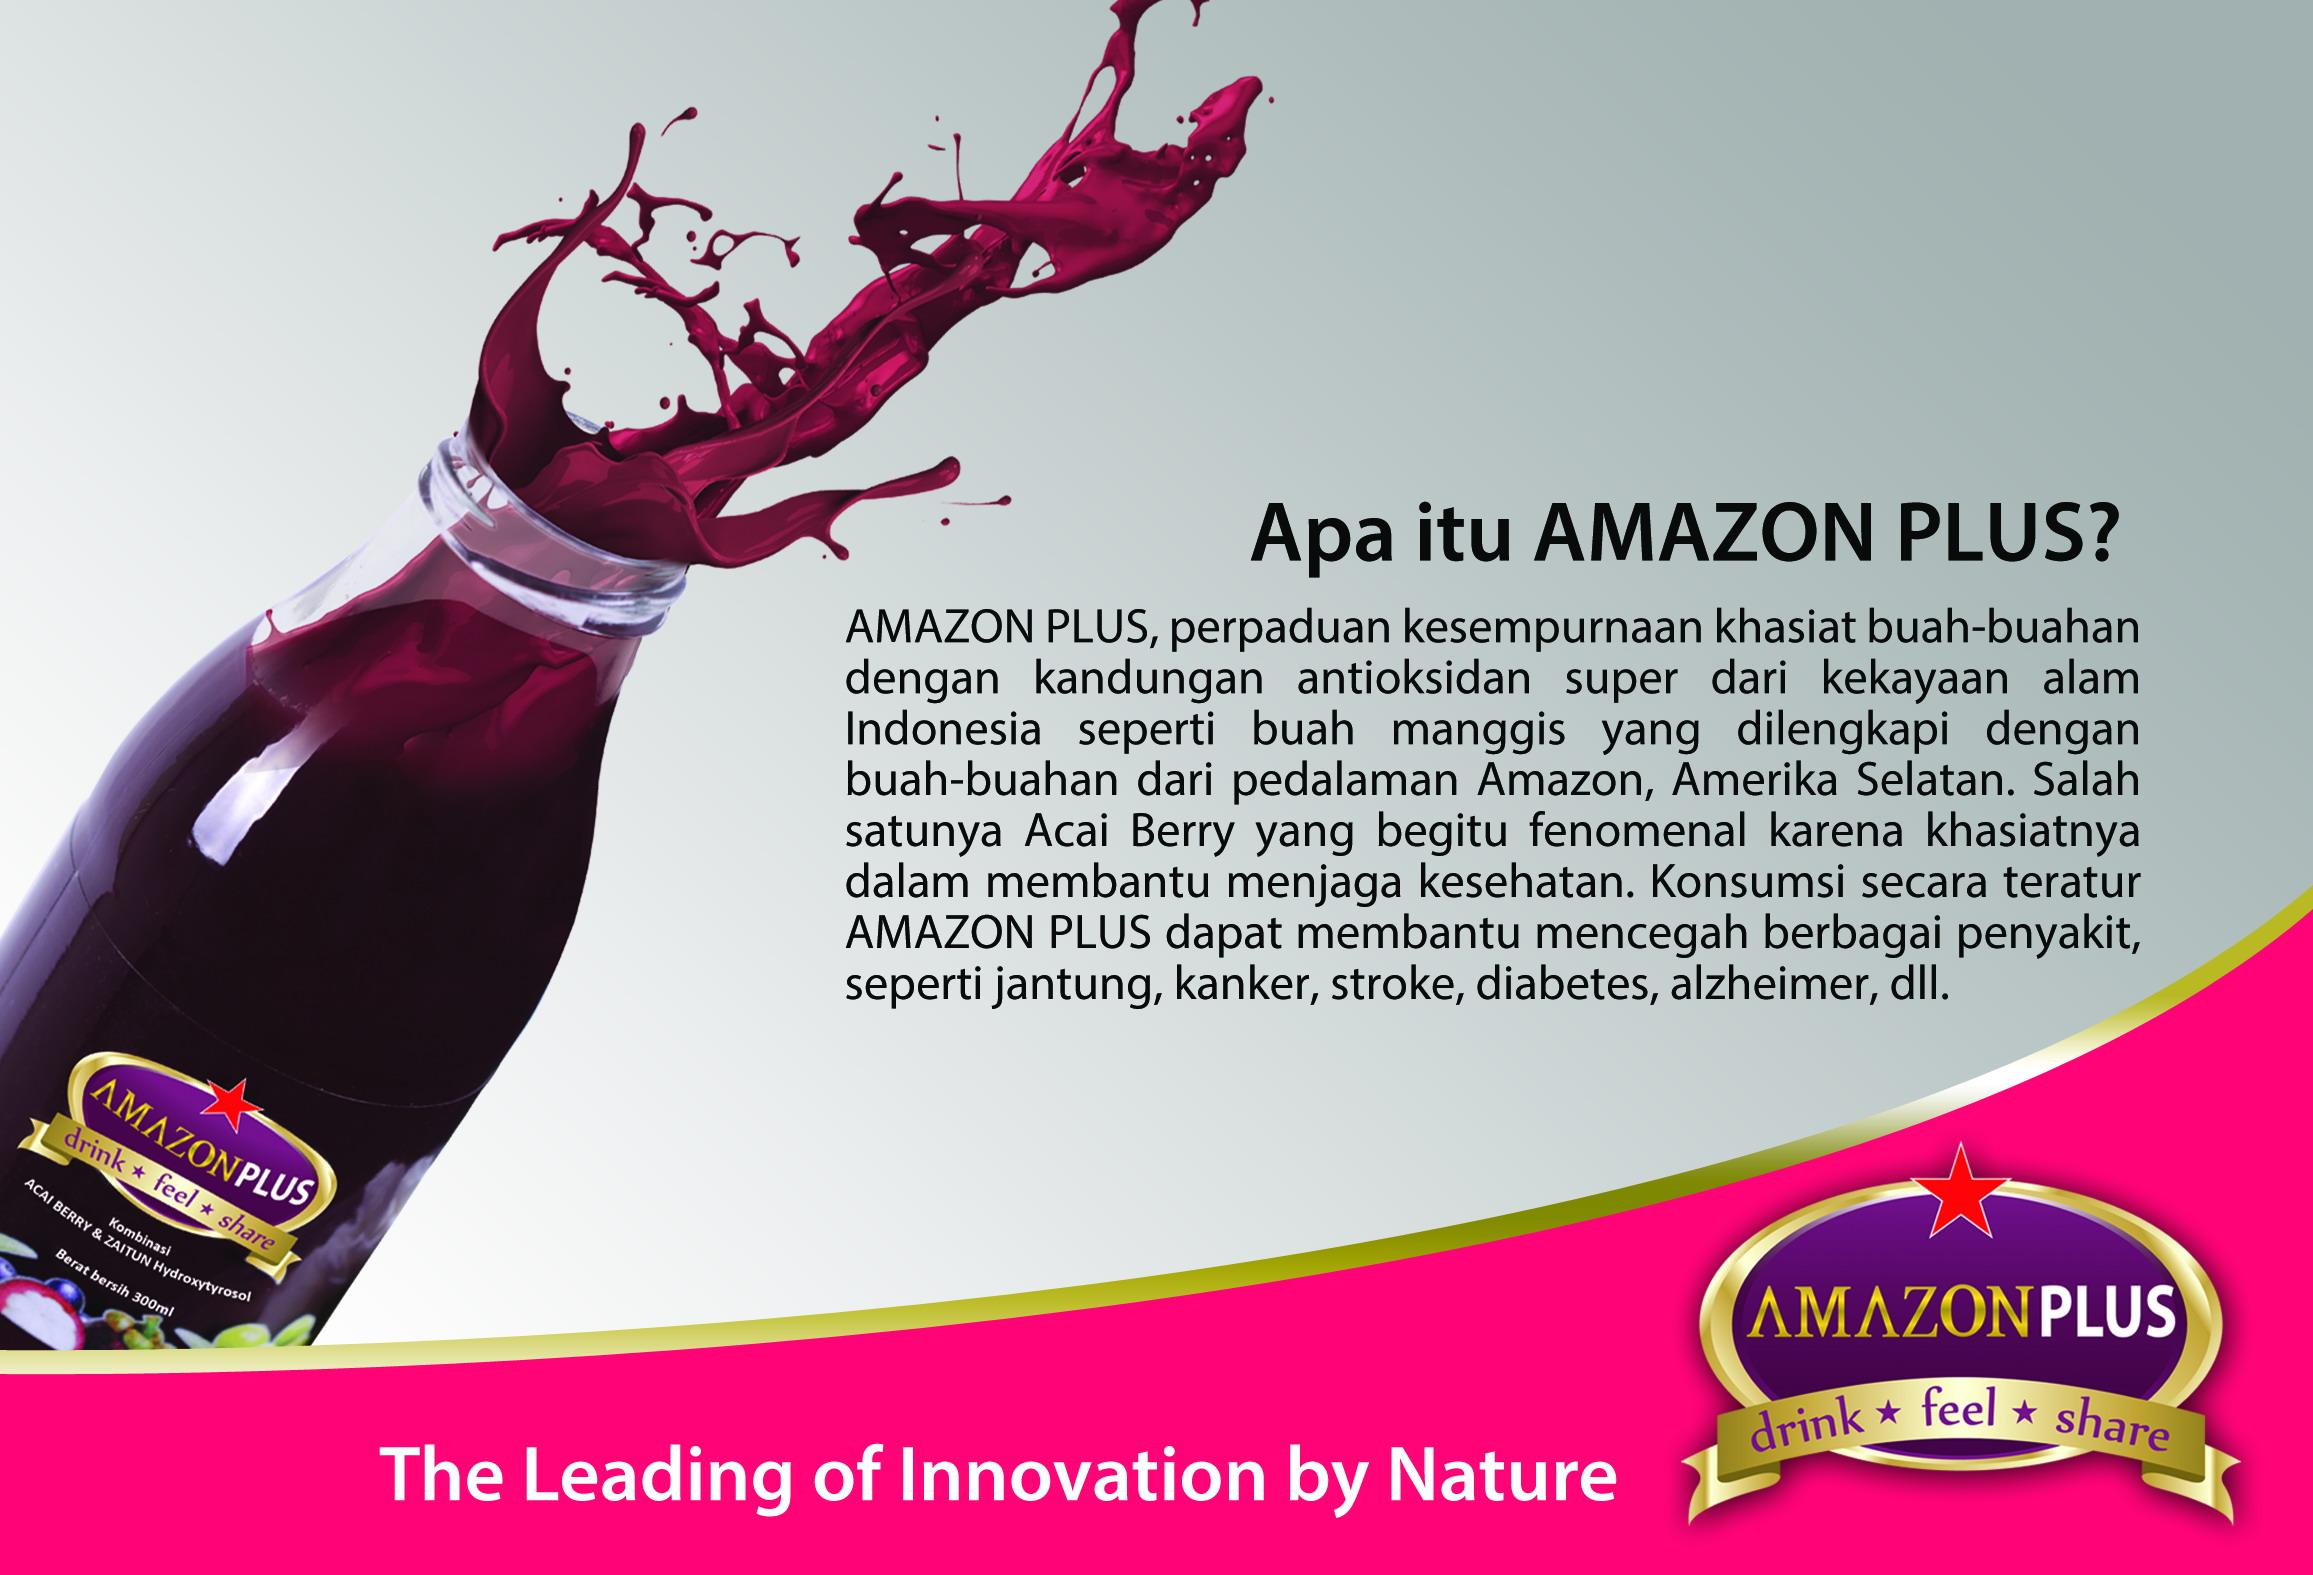 AMAZONPLUS